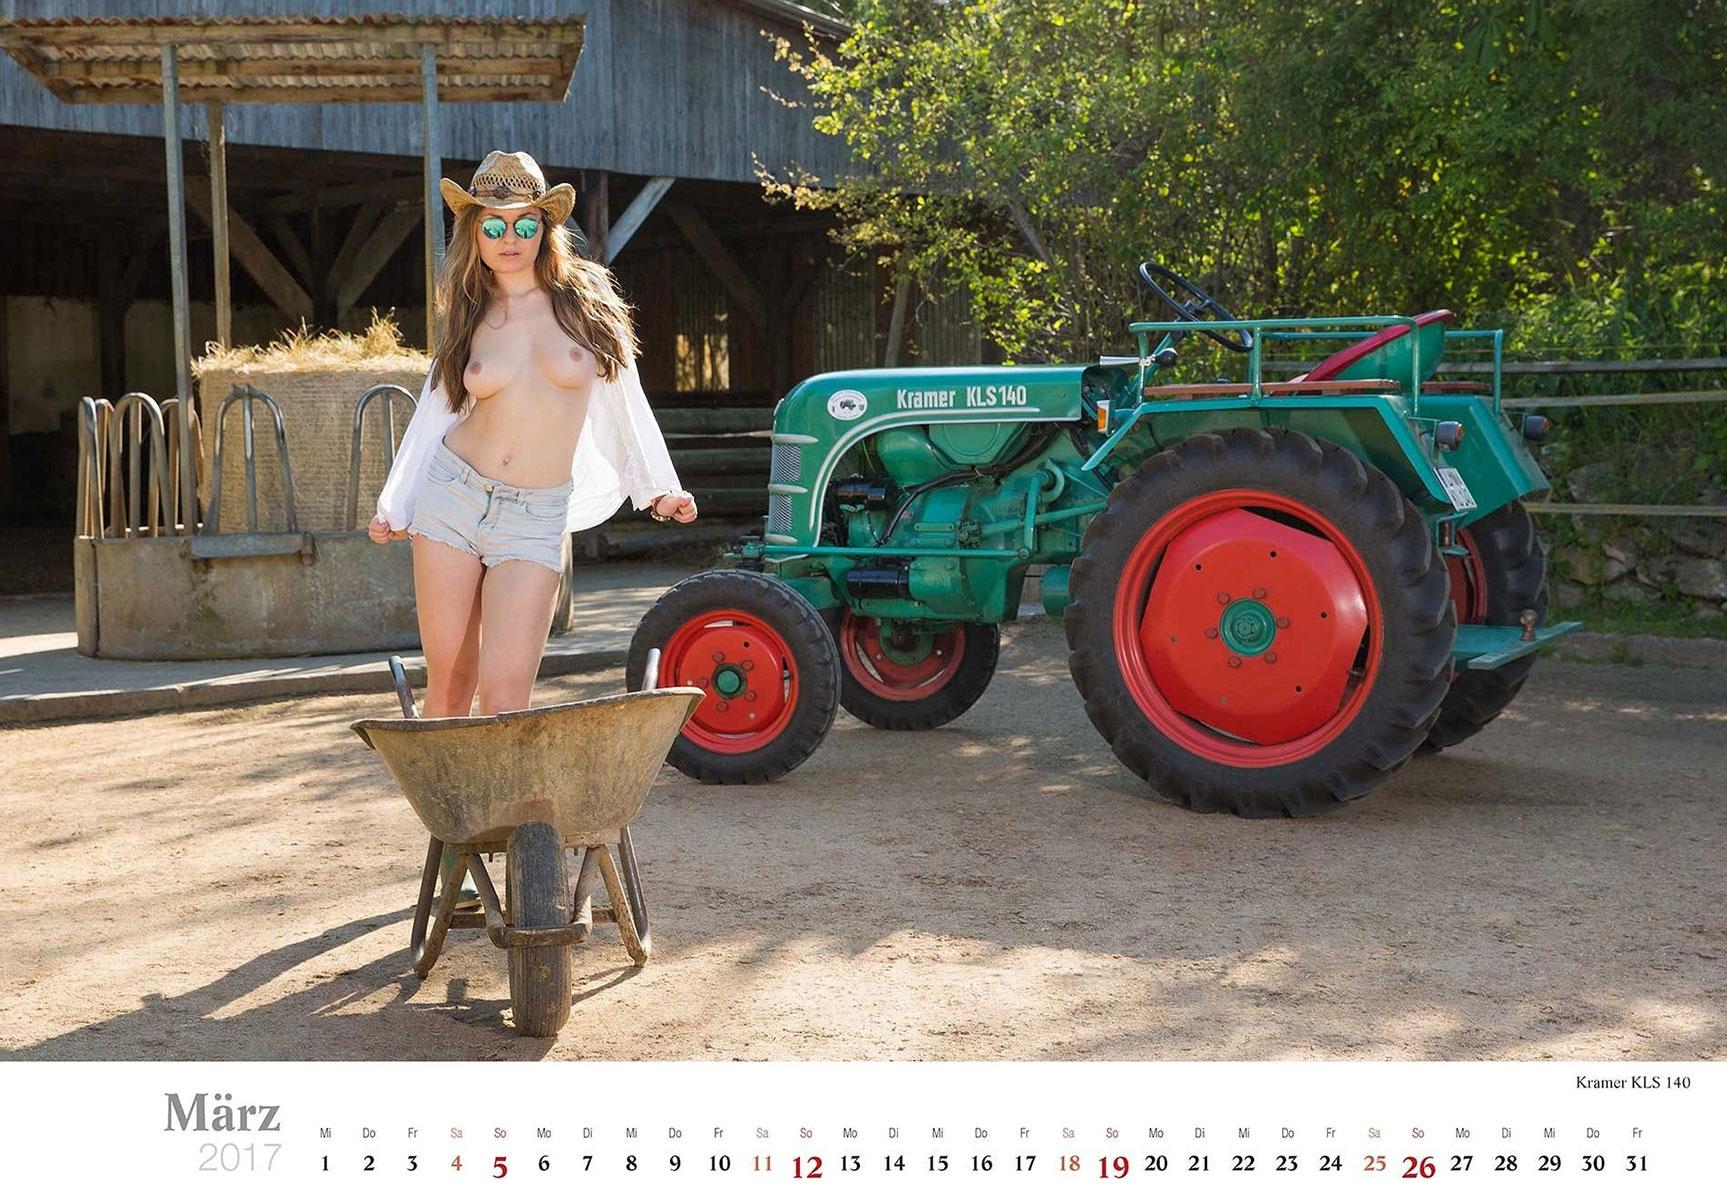 Девушки и трактора в эротическом календаре 2017 / Kramer KLS 140 - Jungbauerntraume calendar 2017